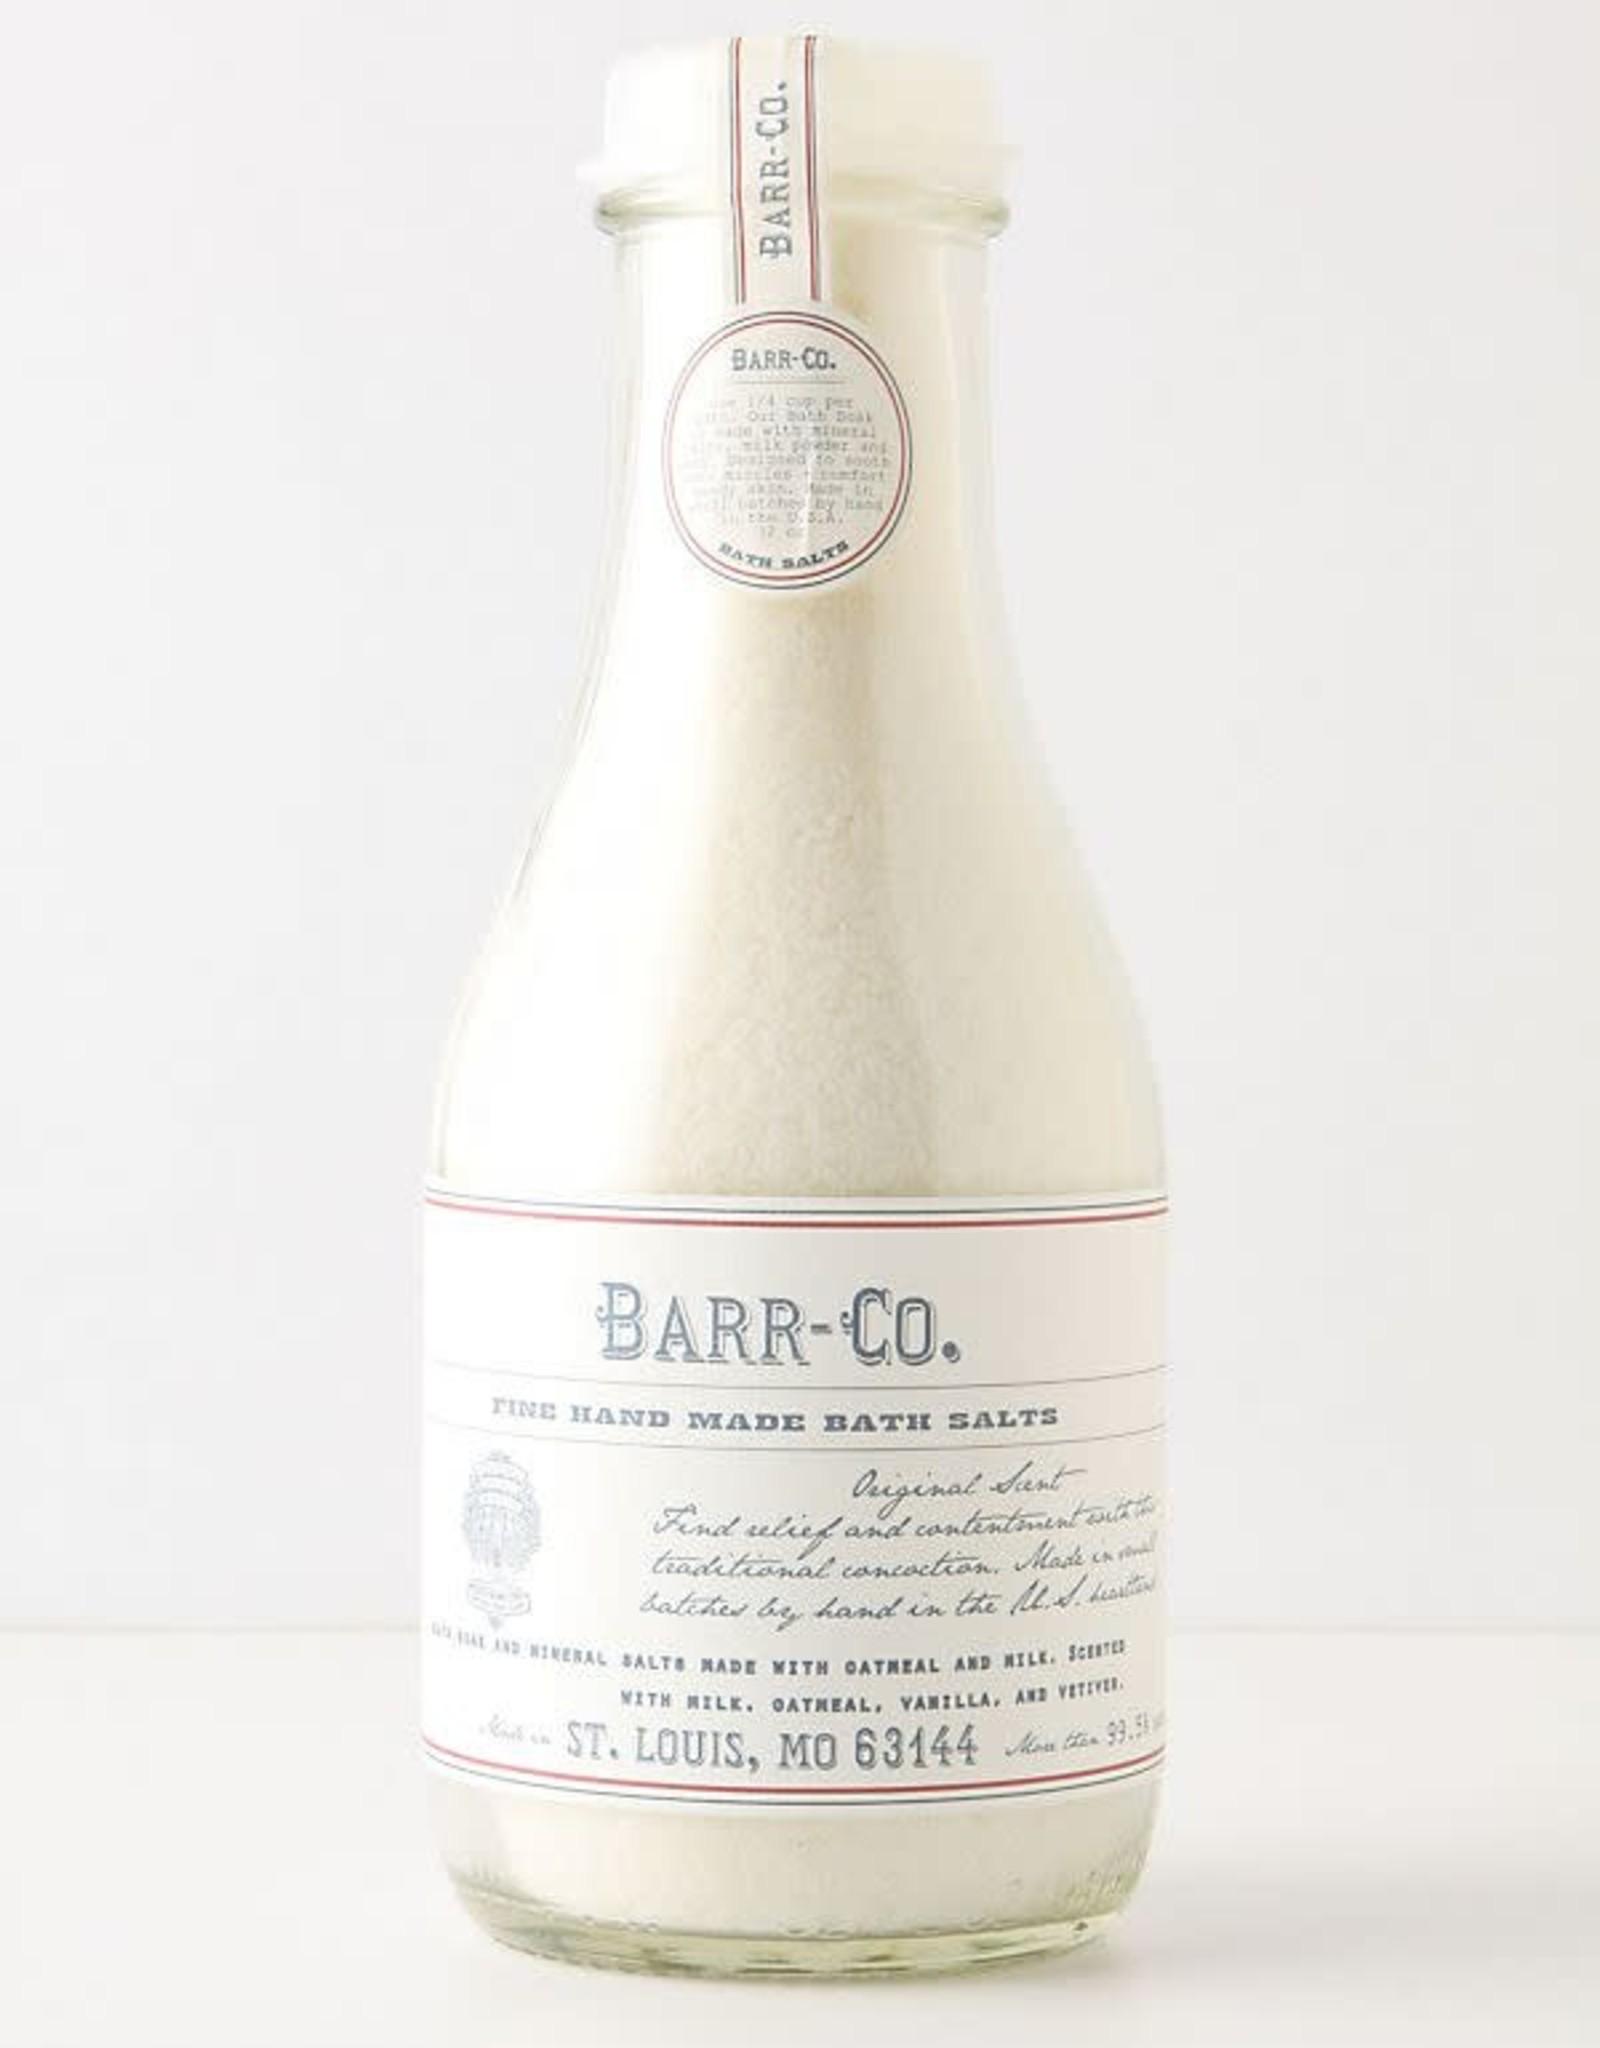 Barr-Co Barr-Co Bath Salts